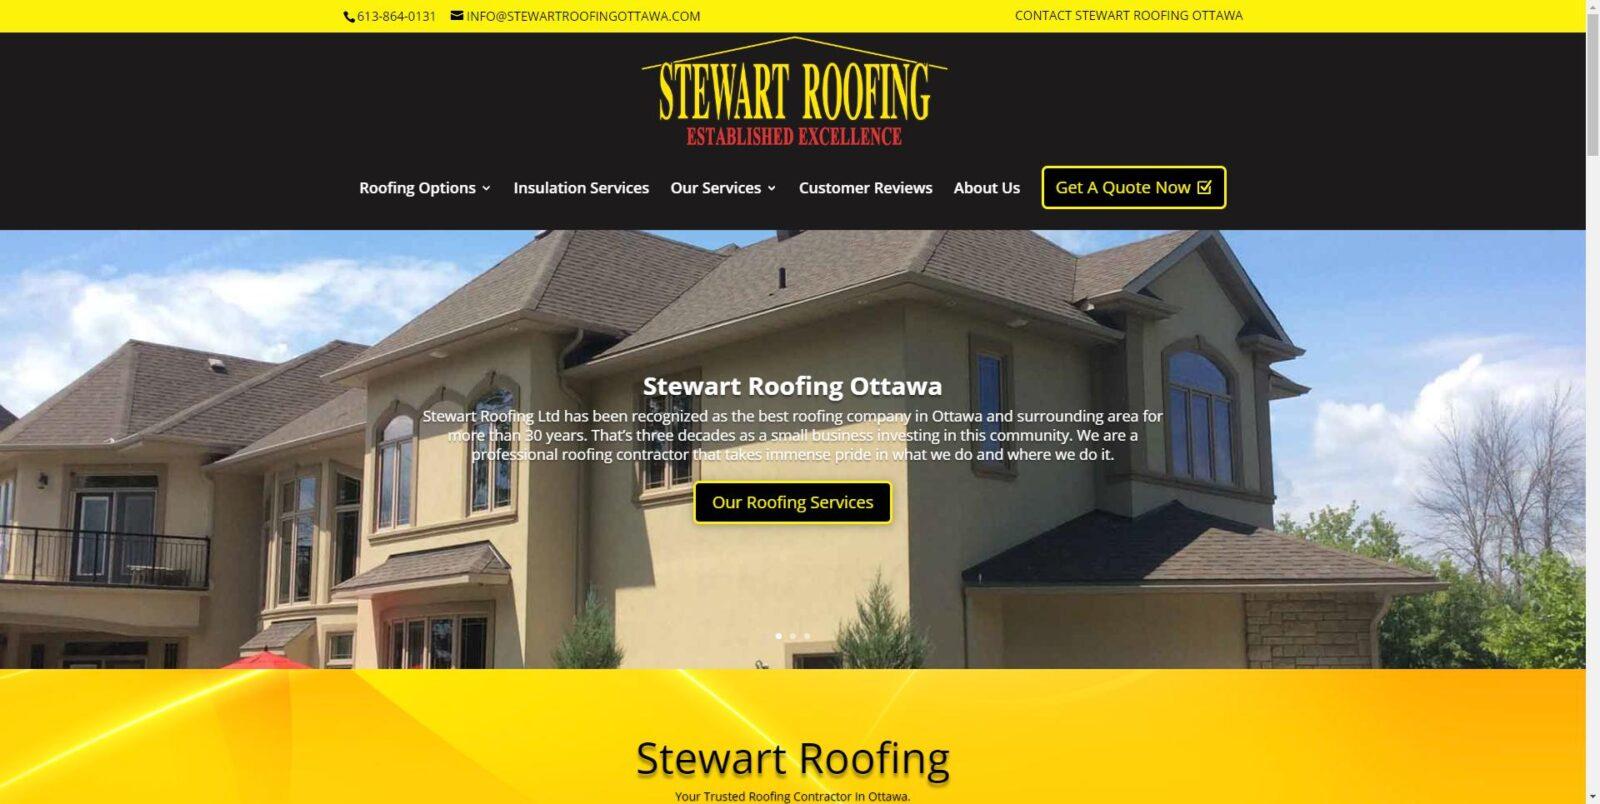 Stewart Roofing Ottawa